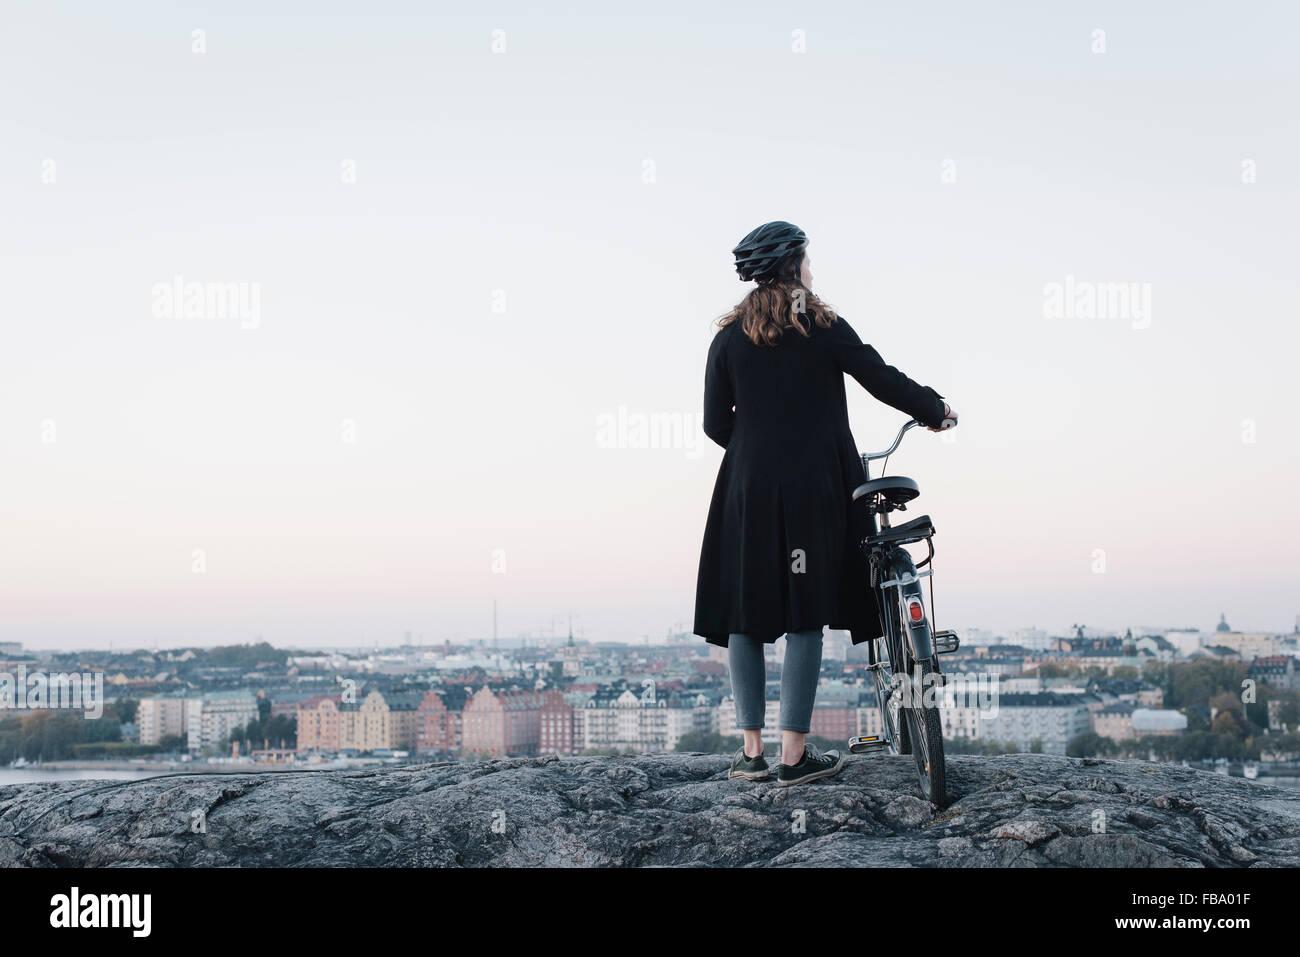 Suecia, Estocolmo Sodermanland Sodermalm, Skinnarviksberget, vista trasera de la joven mujer de pie en bicicleta Imagen De Stock